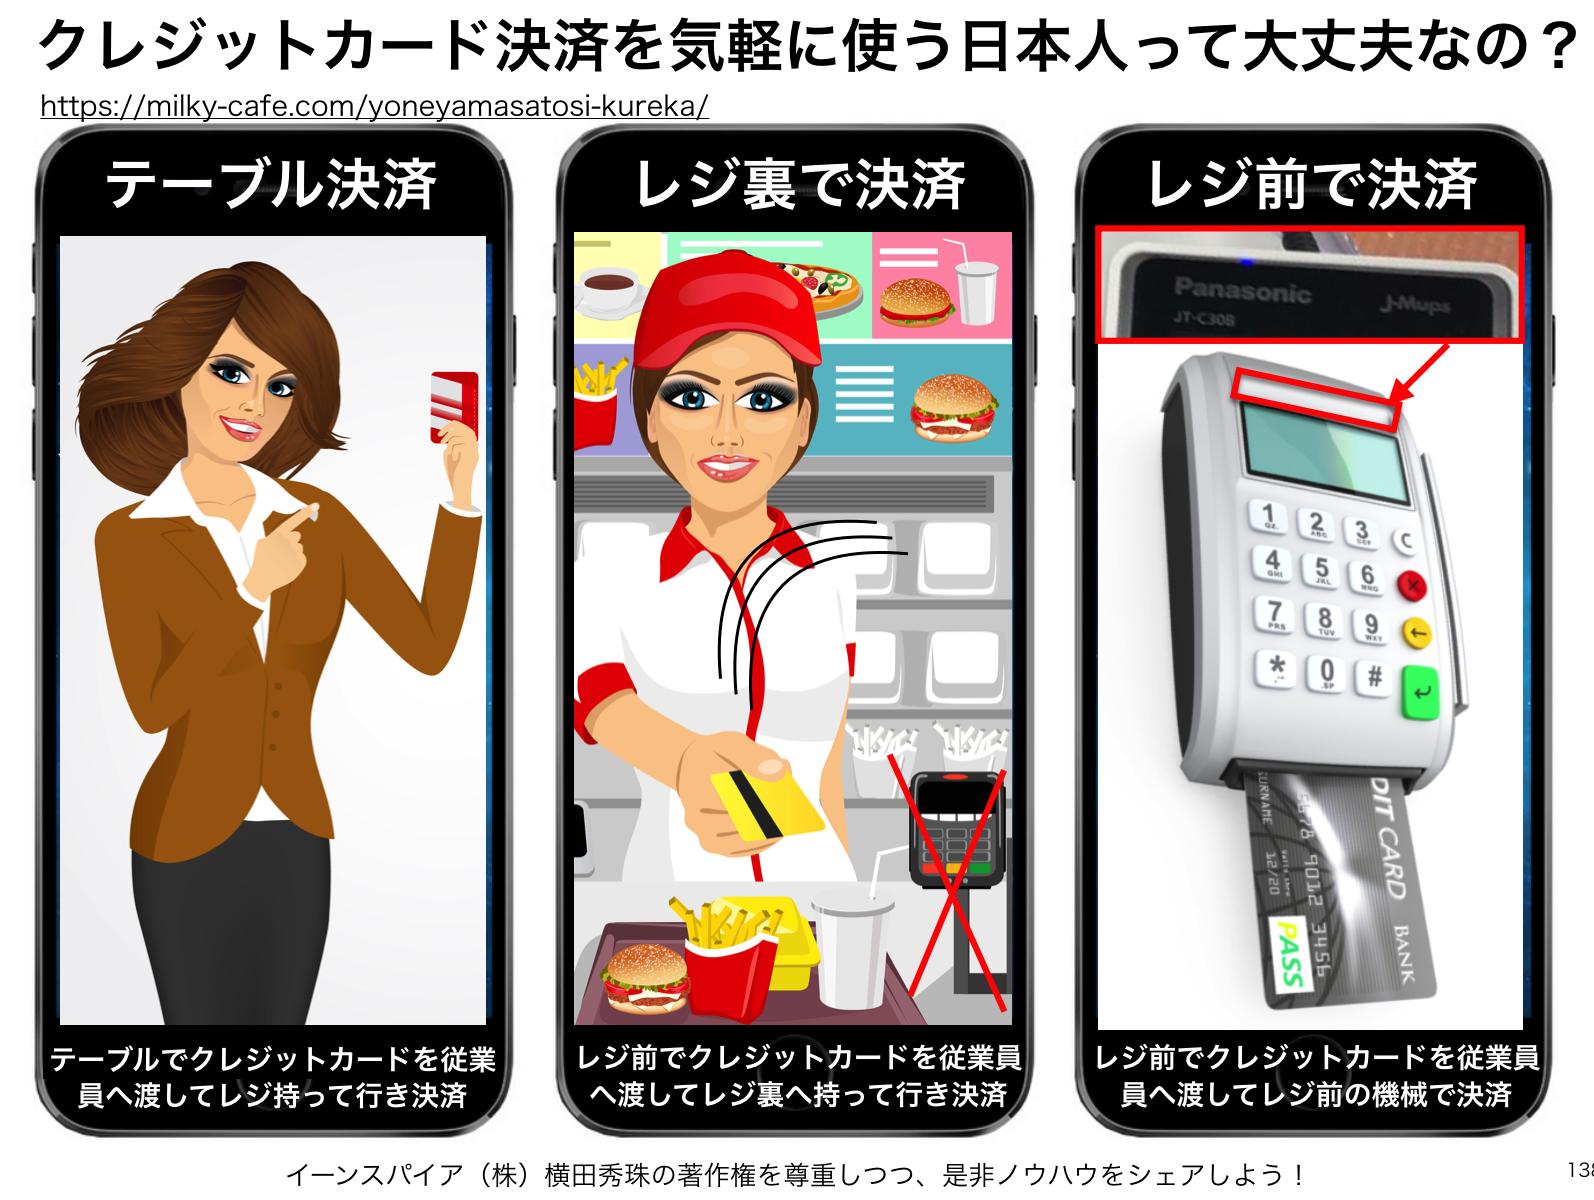 実店舗でクレジットカード決済の際に危険すぎる3つのシーン